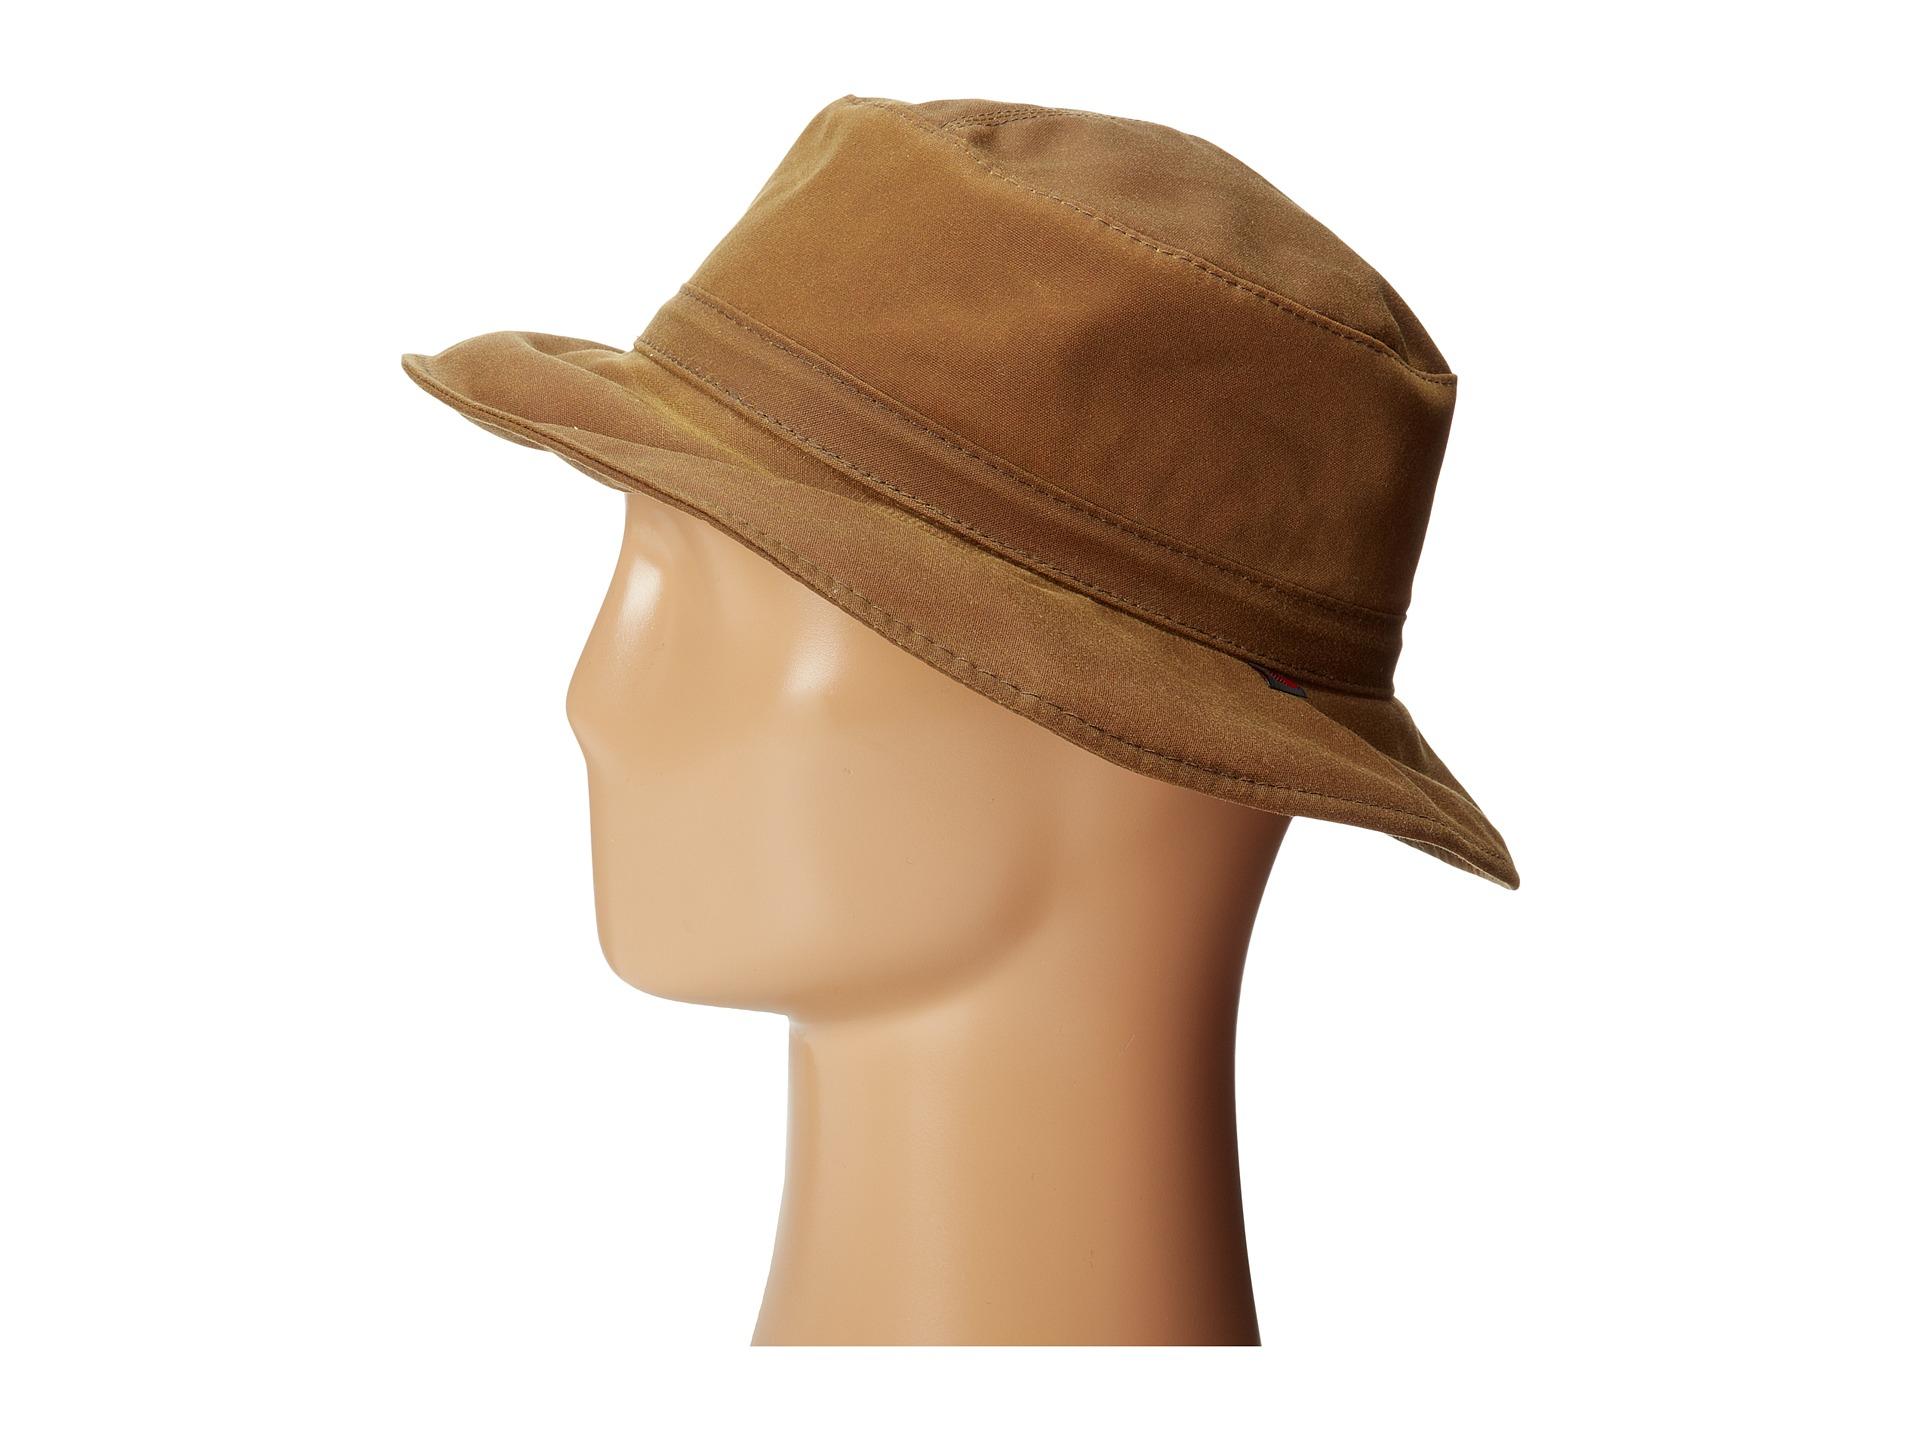 Lyst Woolrich Waxed Cotton Bucket Hat W Micro Fleece